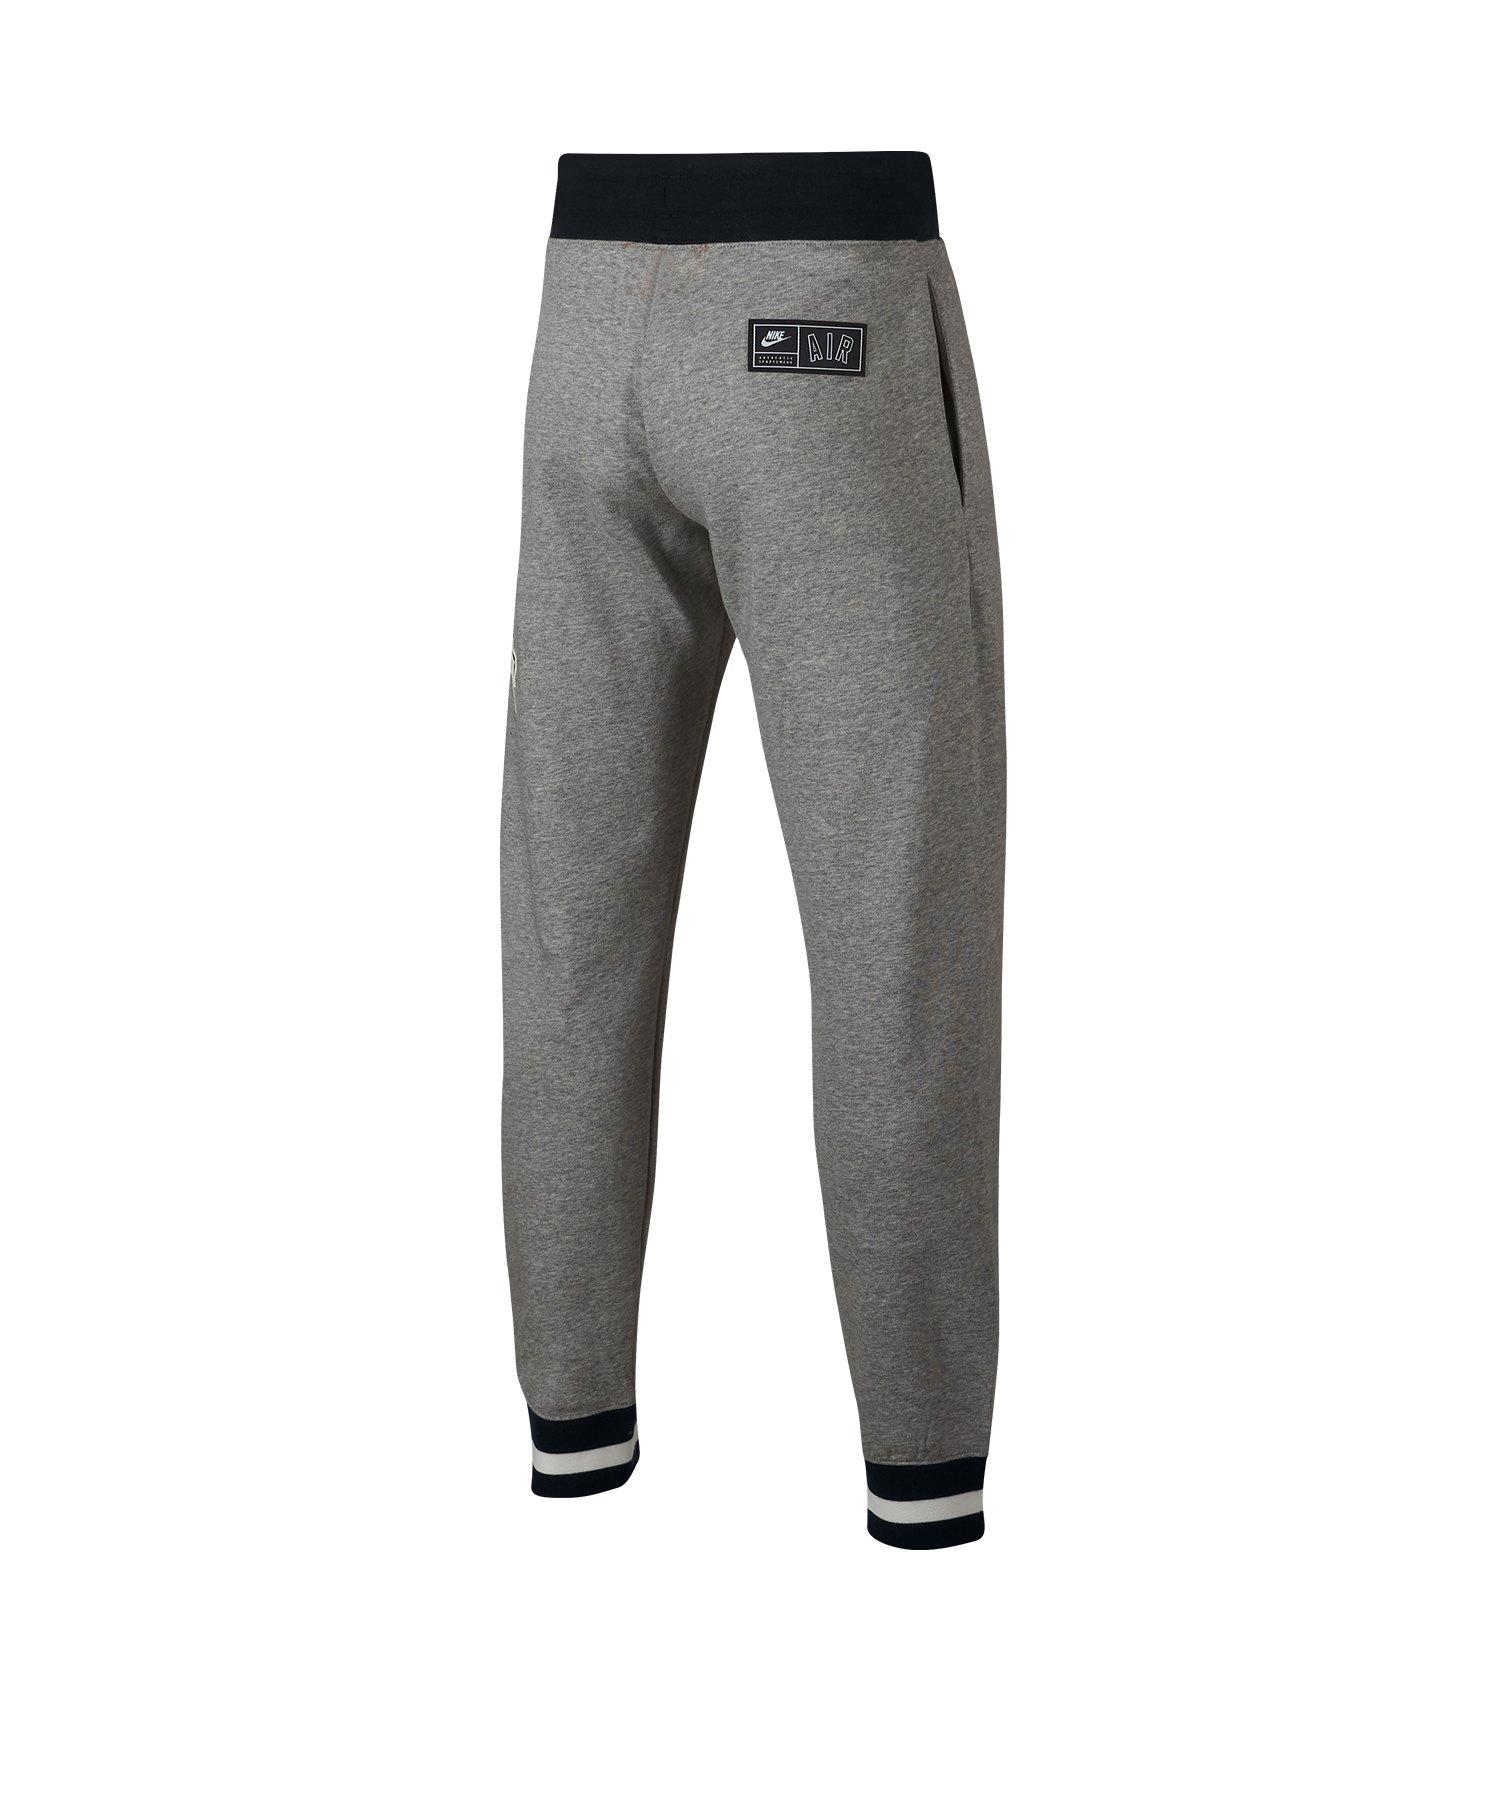 7b946b73626afe ... Nike Air Pant Jogginghose Kids Grau F063 - Grau ...